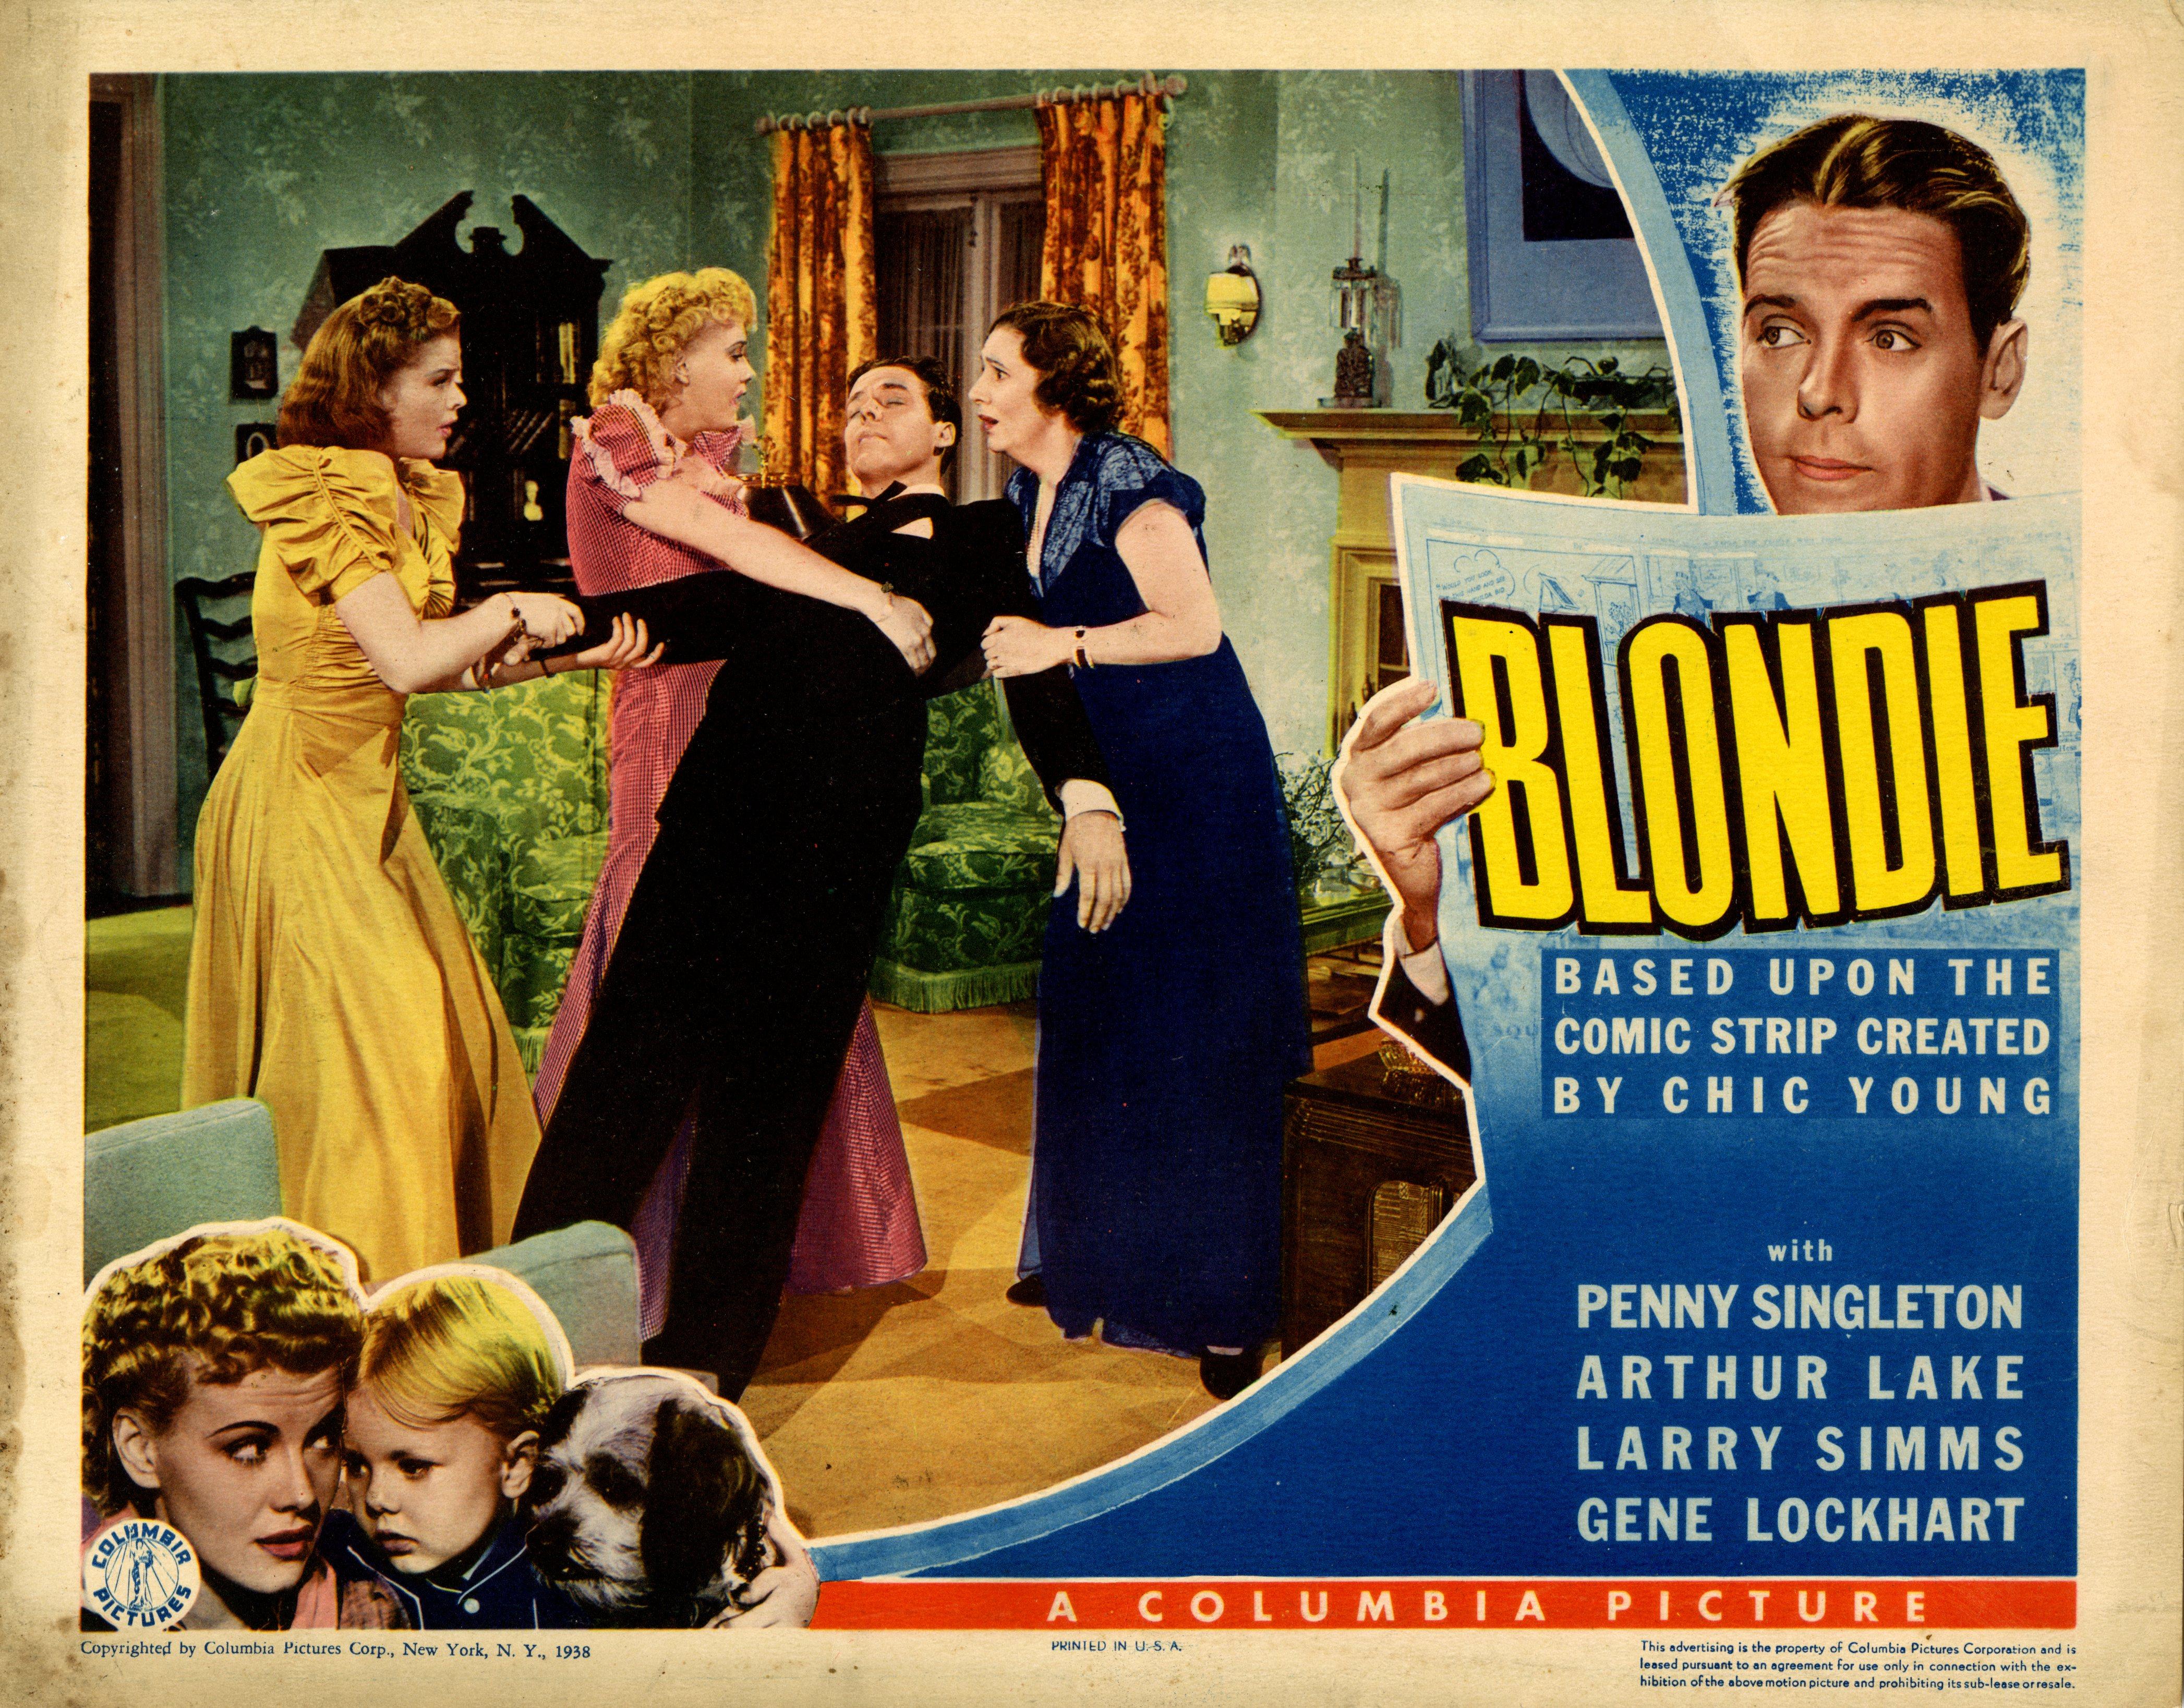 blondie001